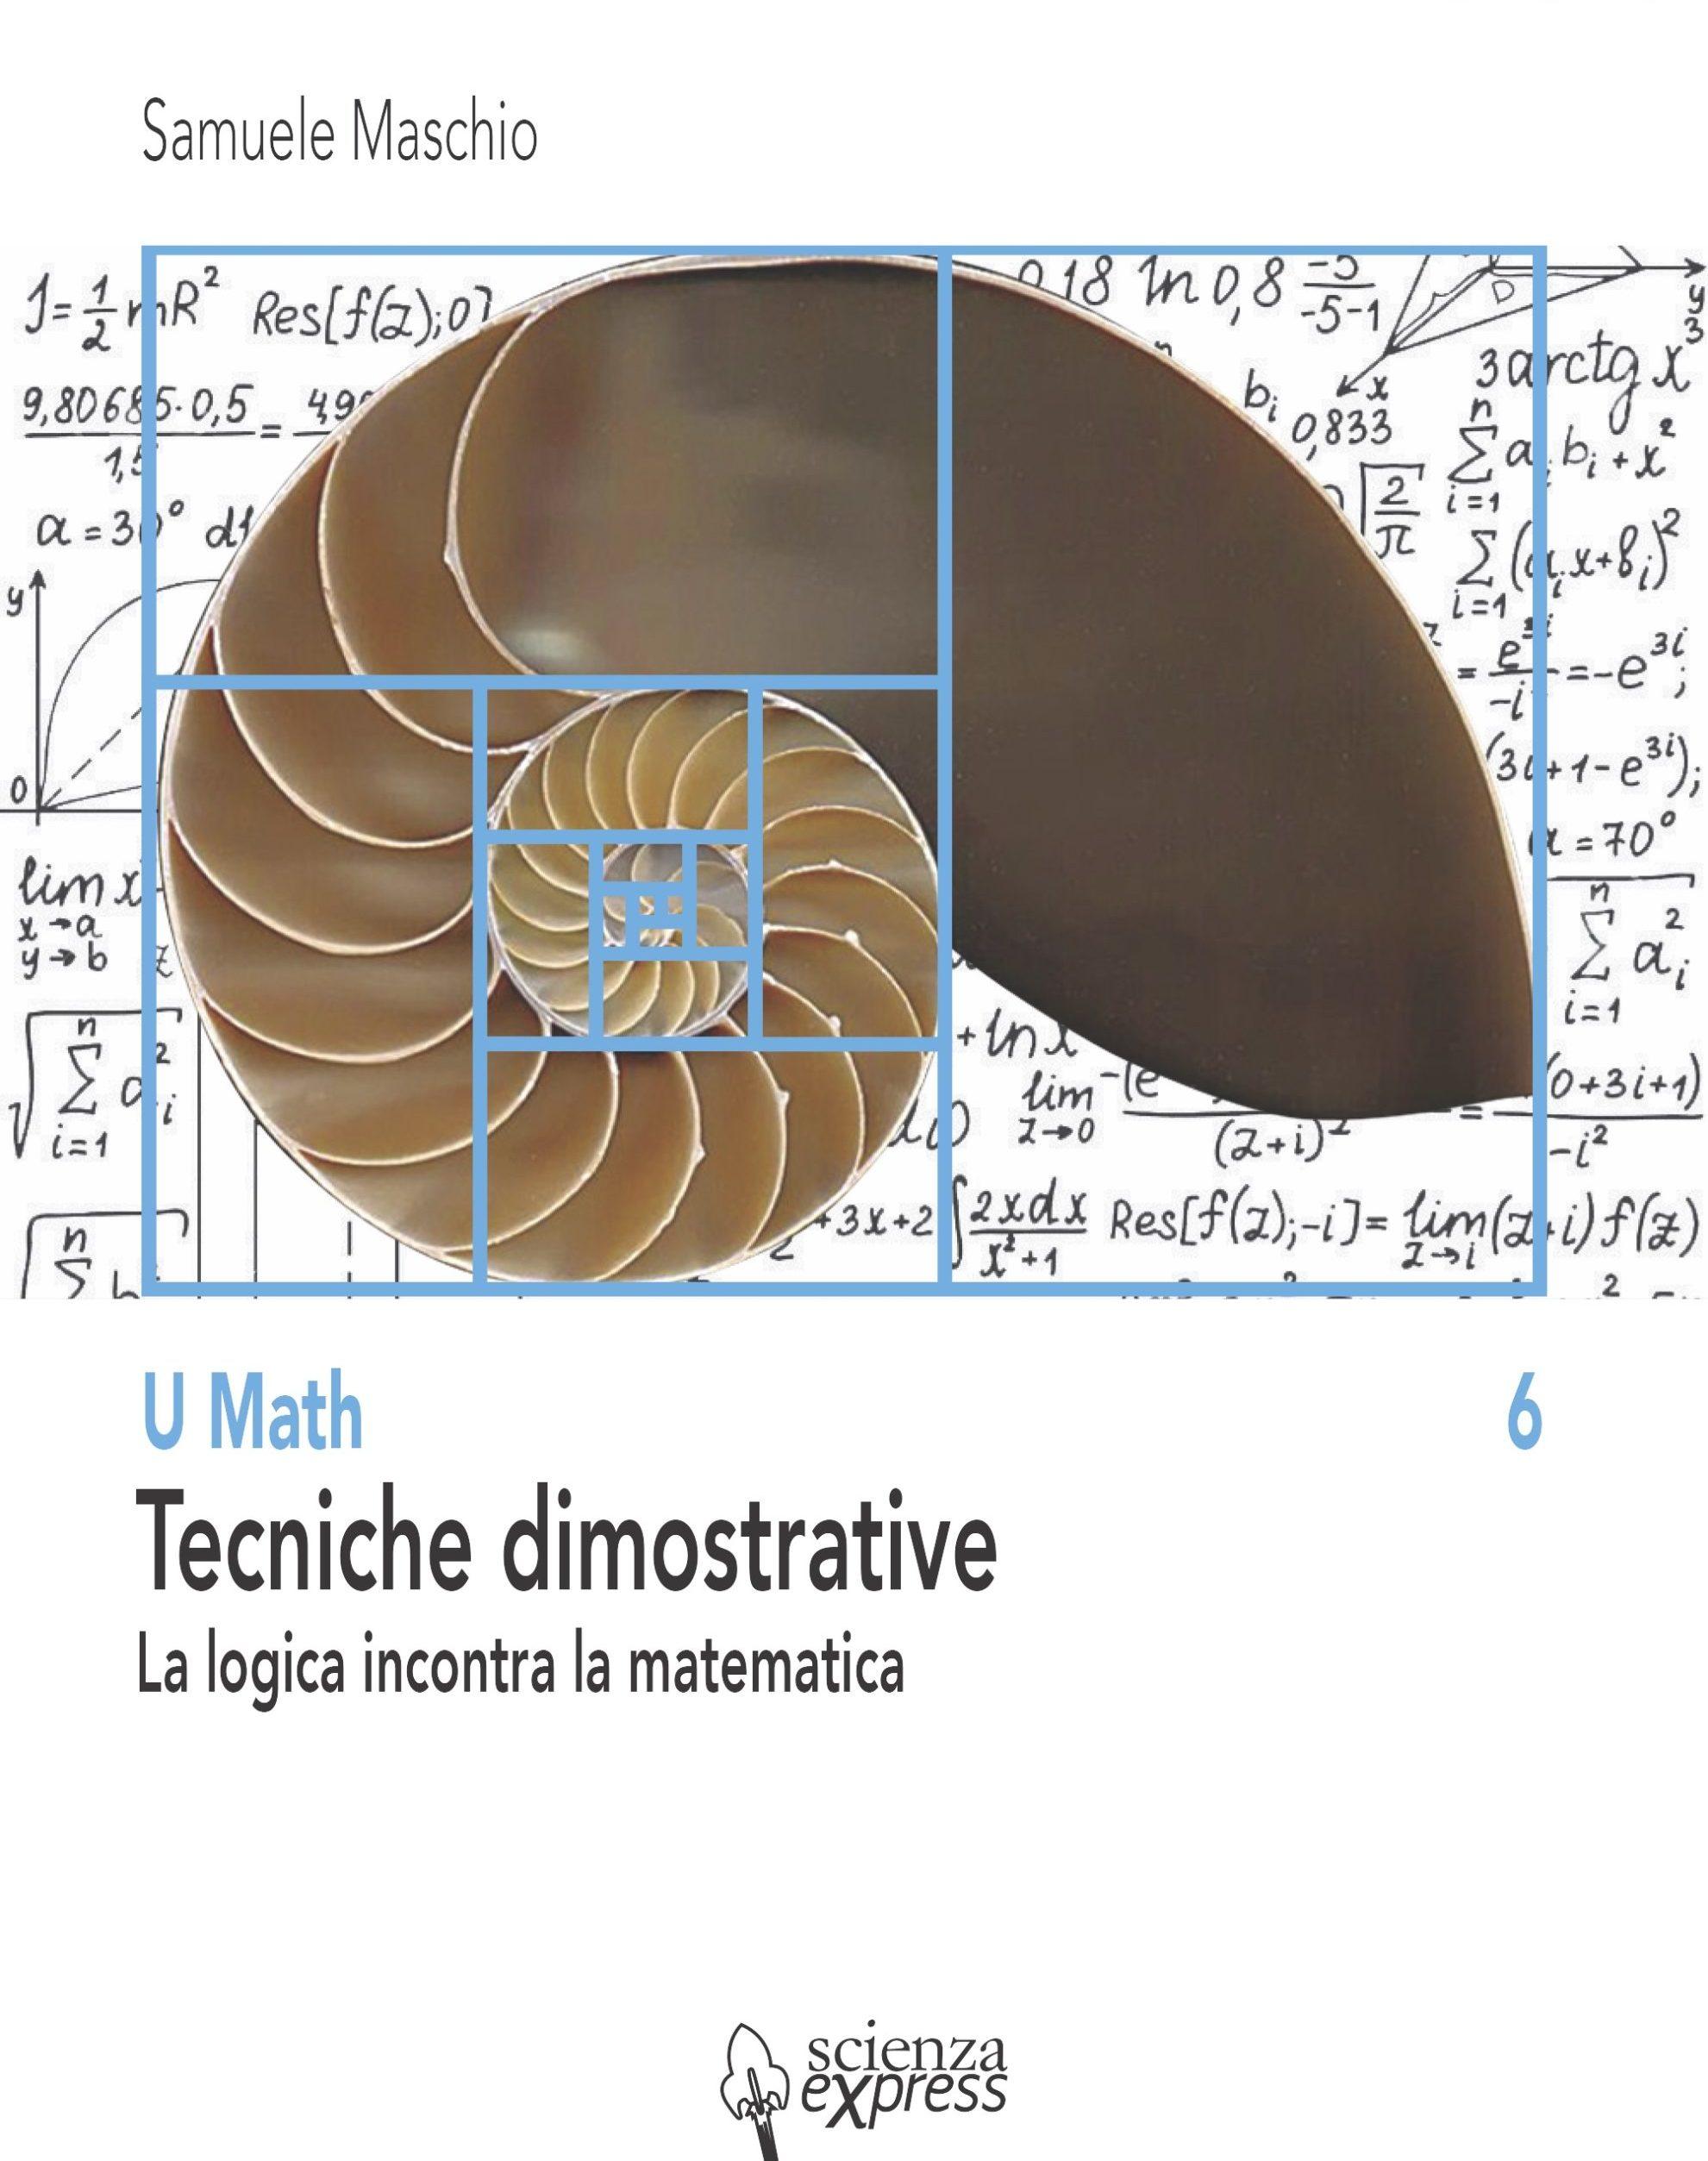 U Math cover vol6